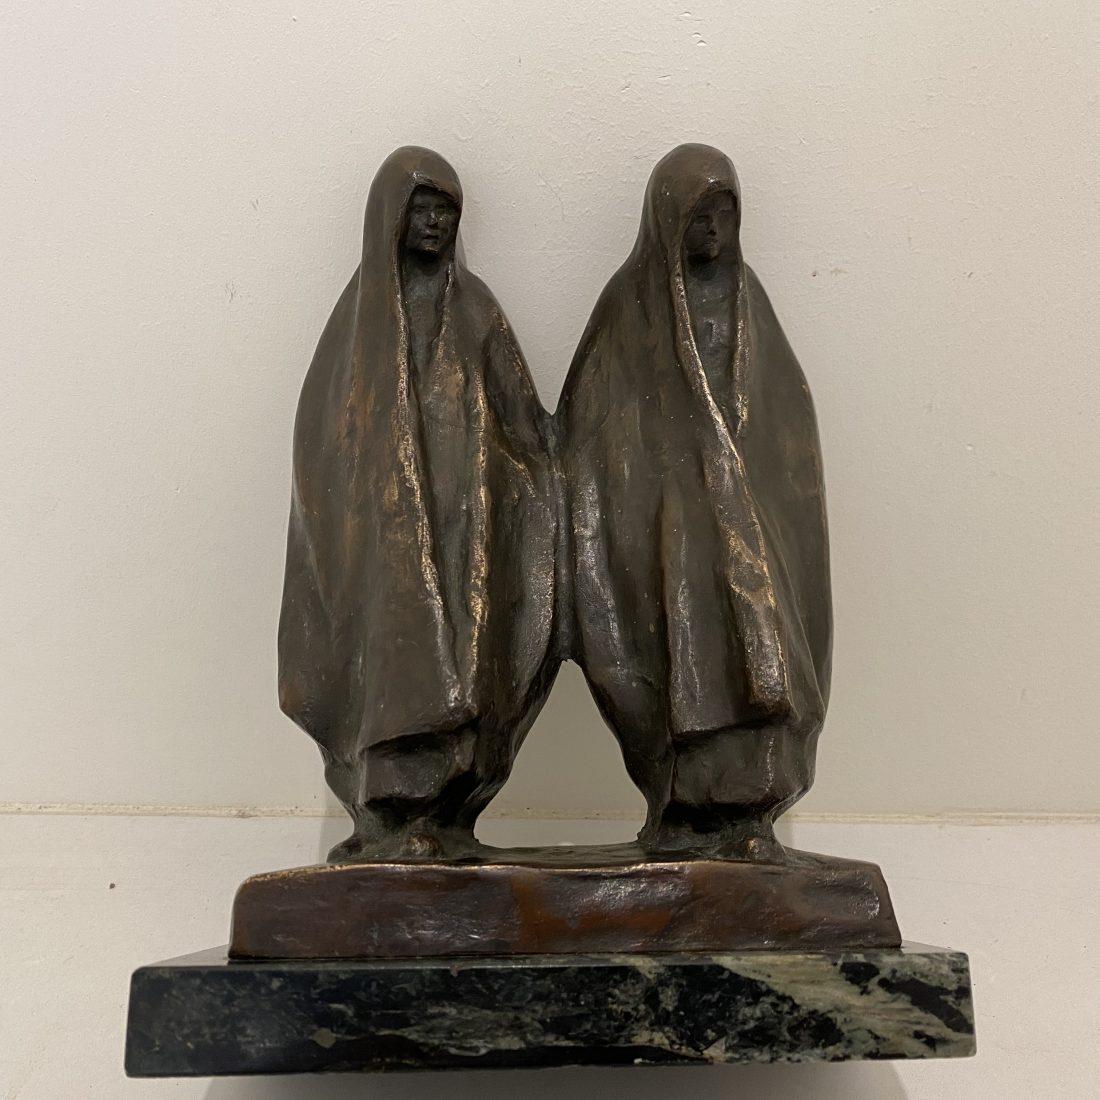 Bronzen beeld van twee figuren sluier gekleed, jaren 20